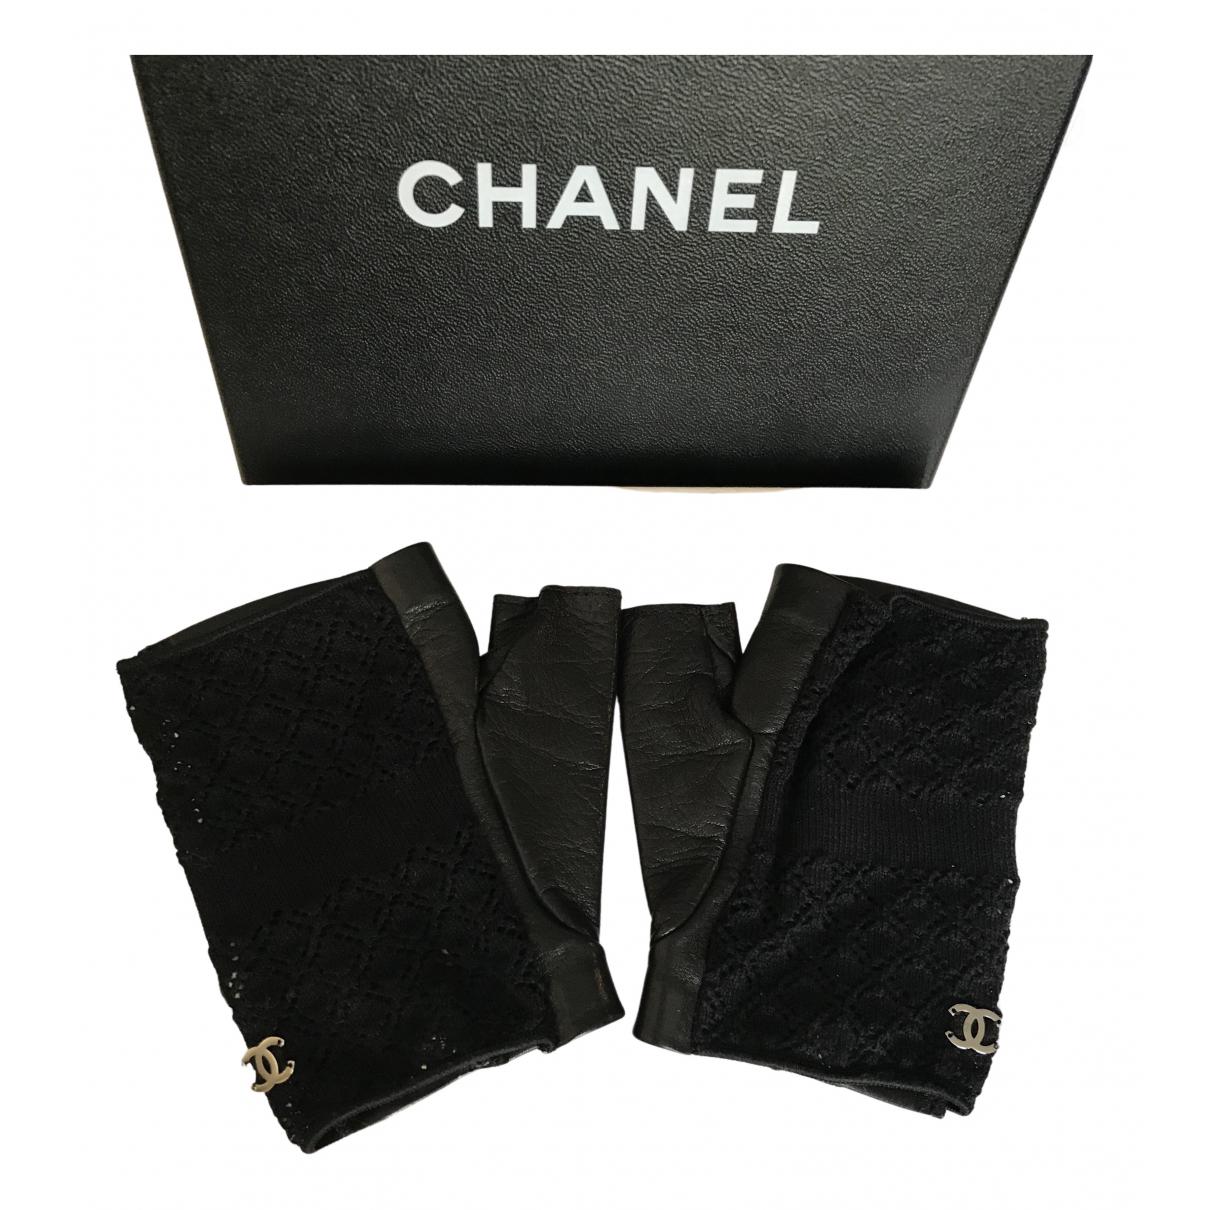 Mitones de Cuero Chanel